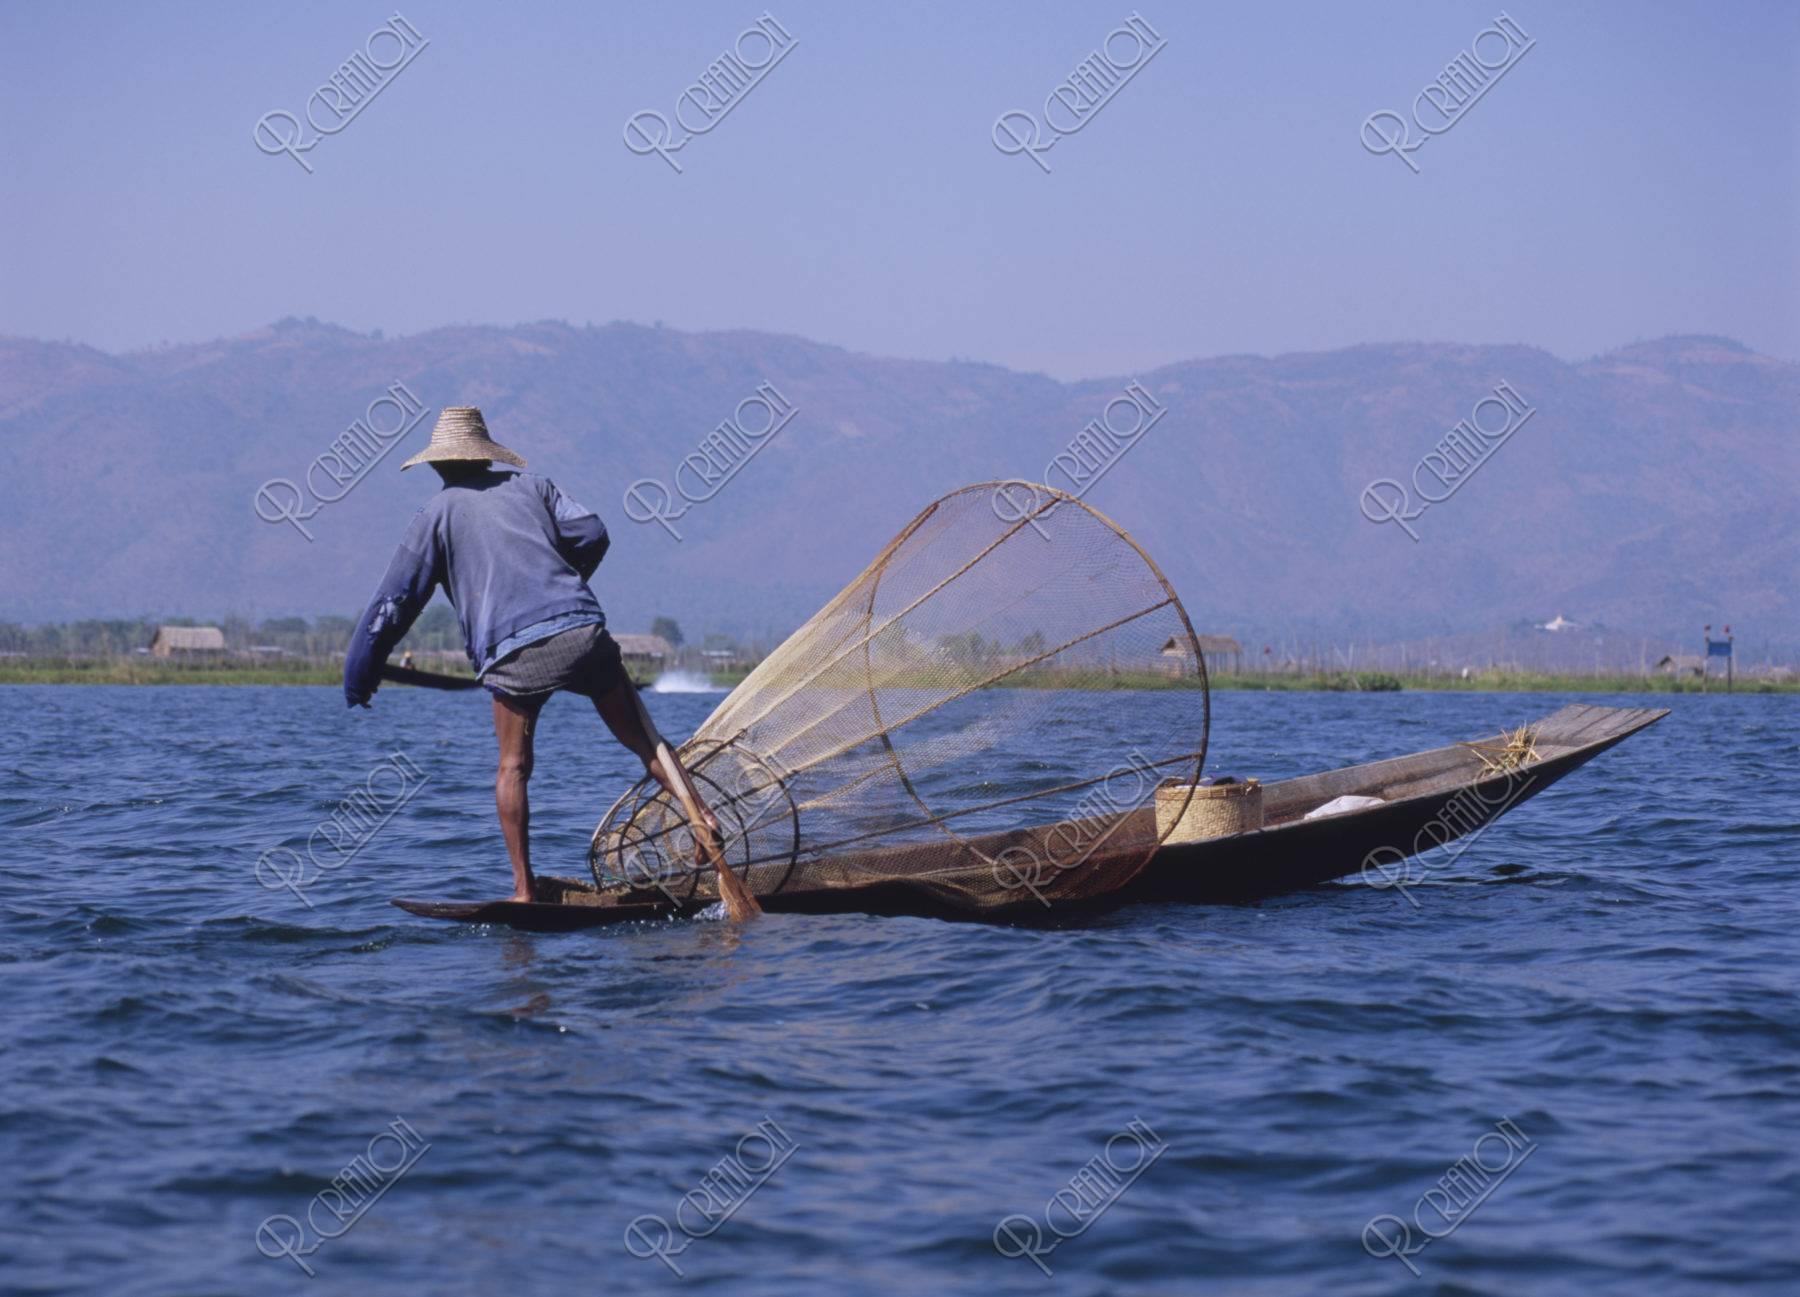 インレー湖 インダー族の漁師